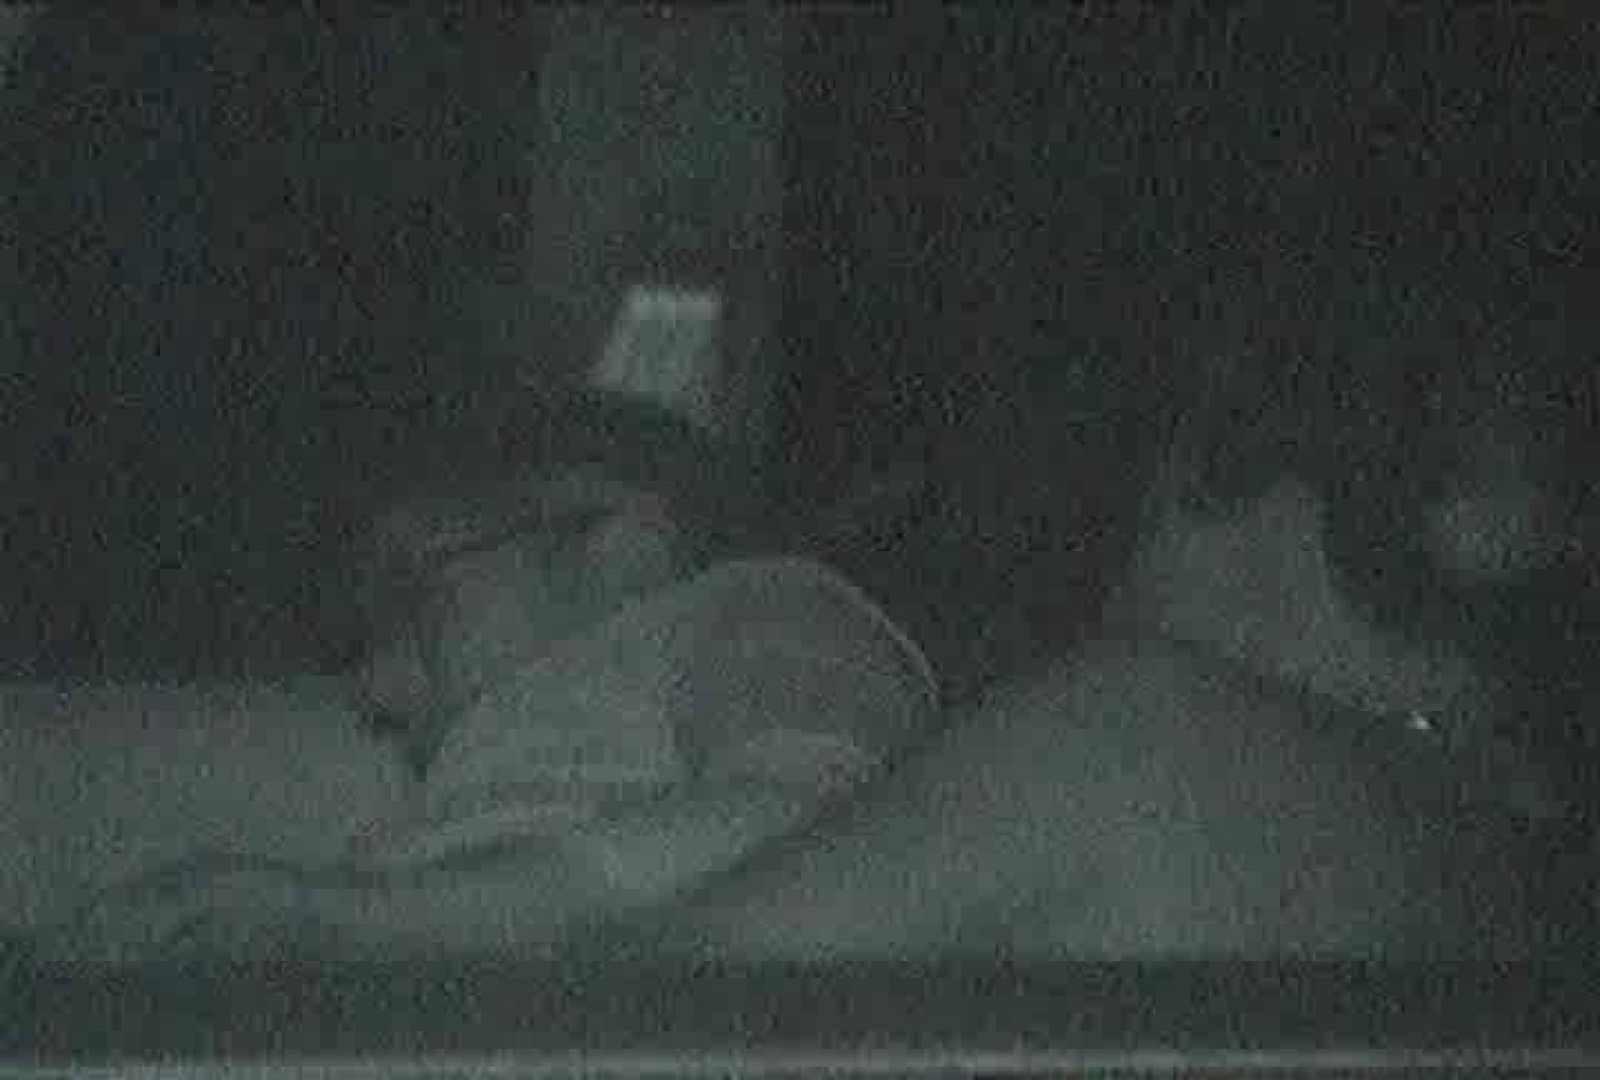 充血監督の深夜の運動会Vol.85 セックス | OLヌード天国  50PIX 43